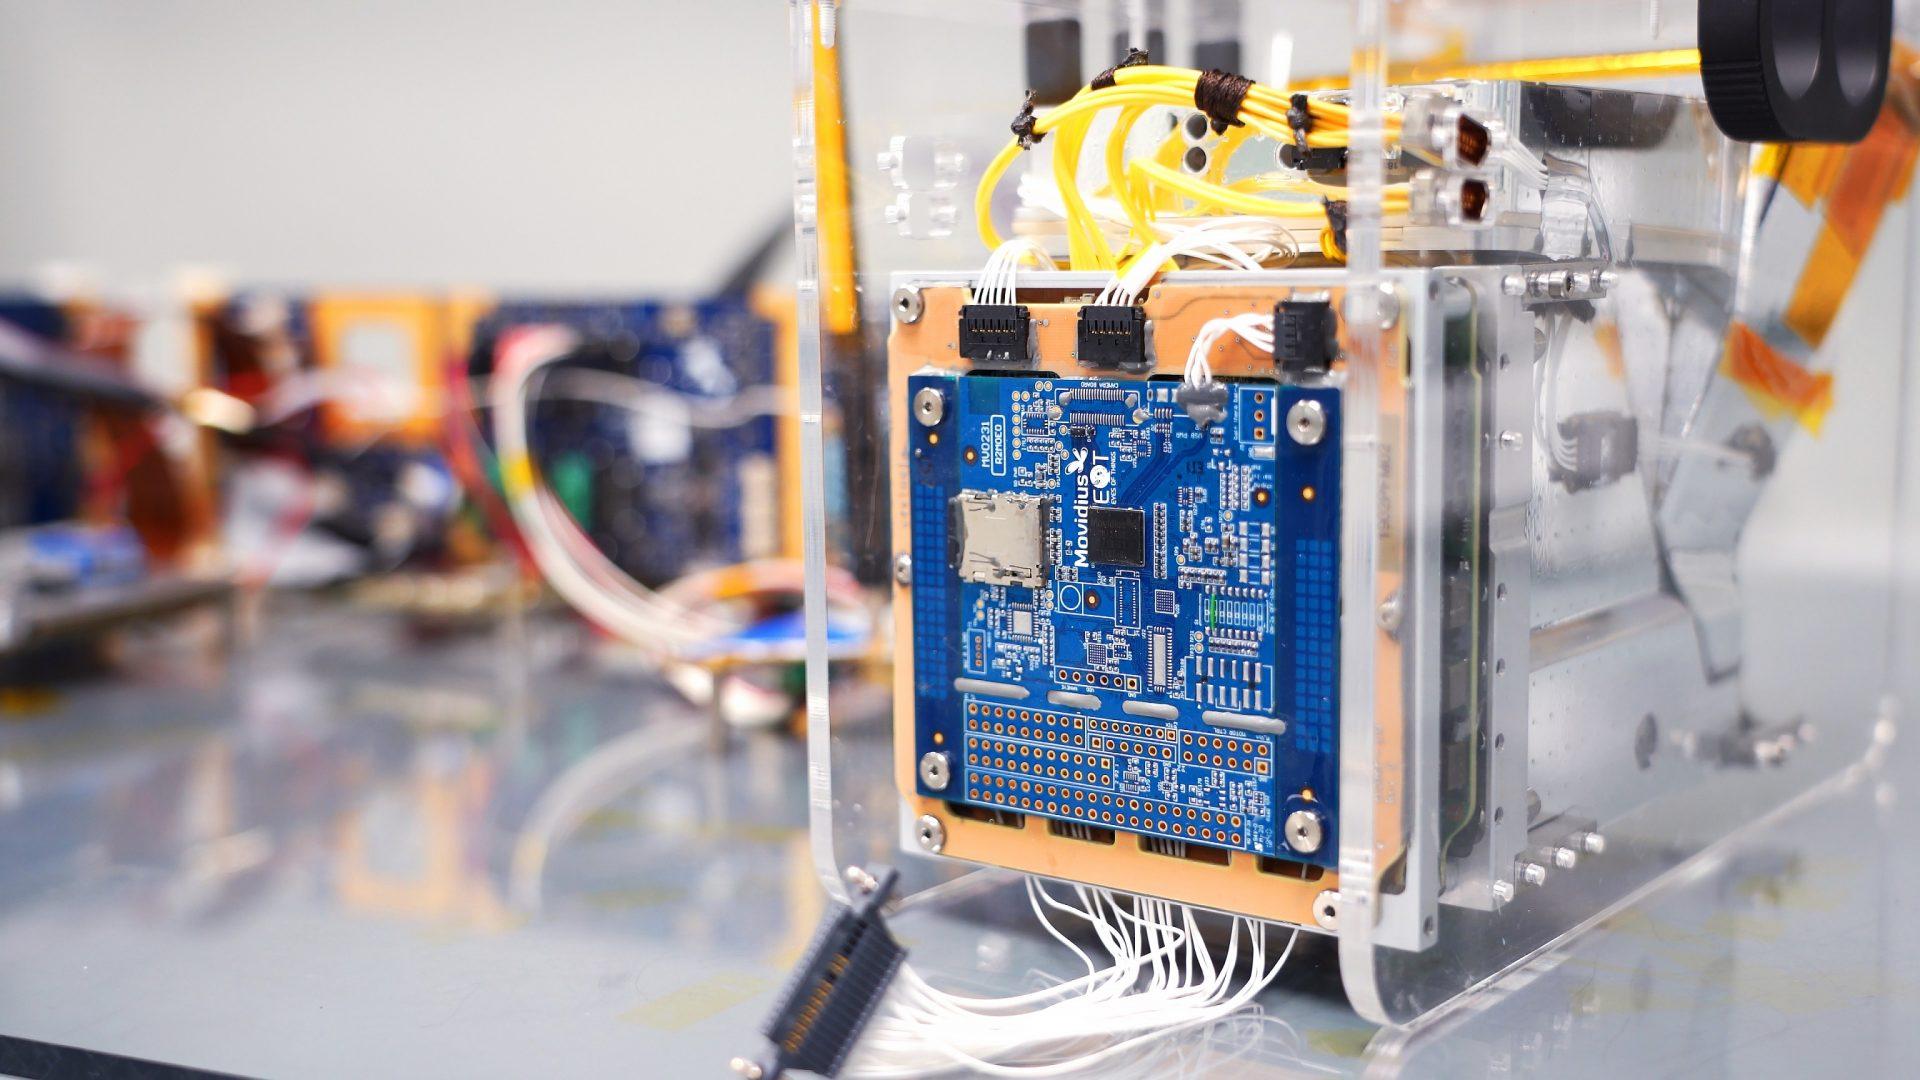 Yapay Zekâ Yörüngede: Intel, Yapay Zekalı İlk Uyduya Güç Sağlıyor